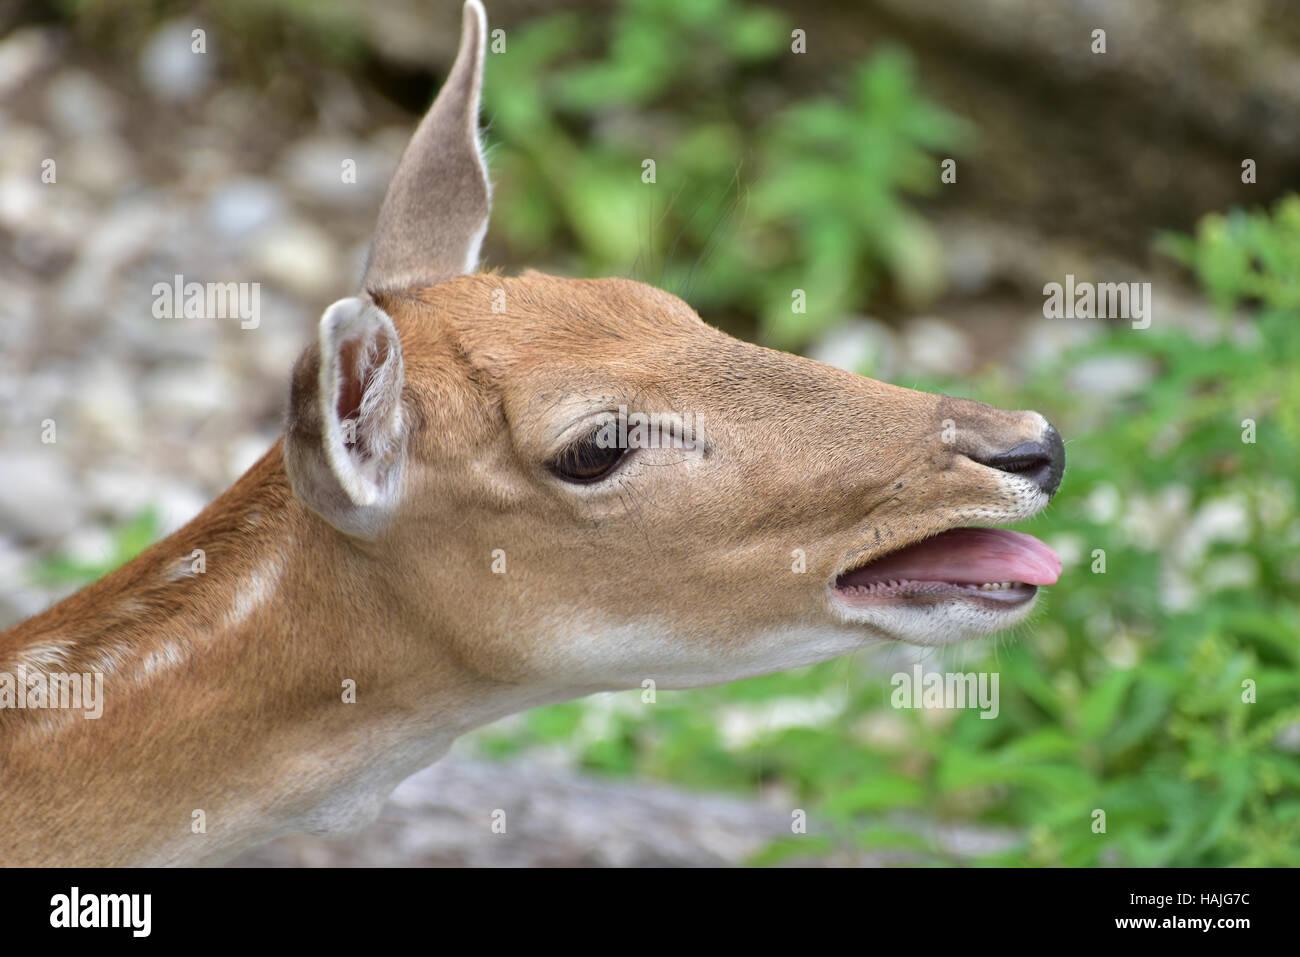 Doe Fallow deer(dama dama) braying at her herd. - Stock Image